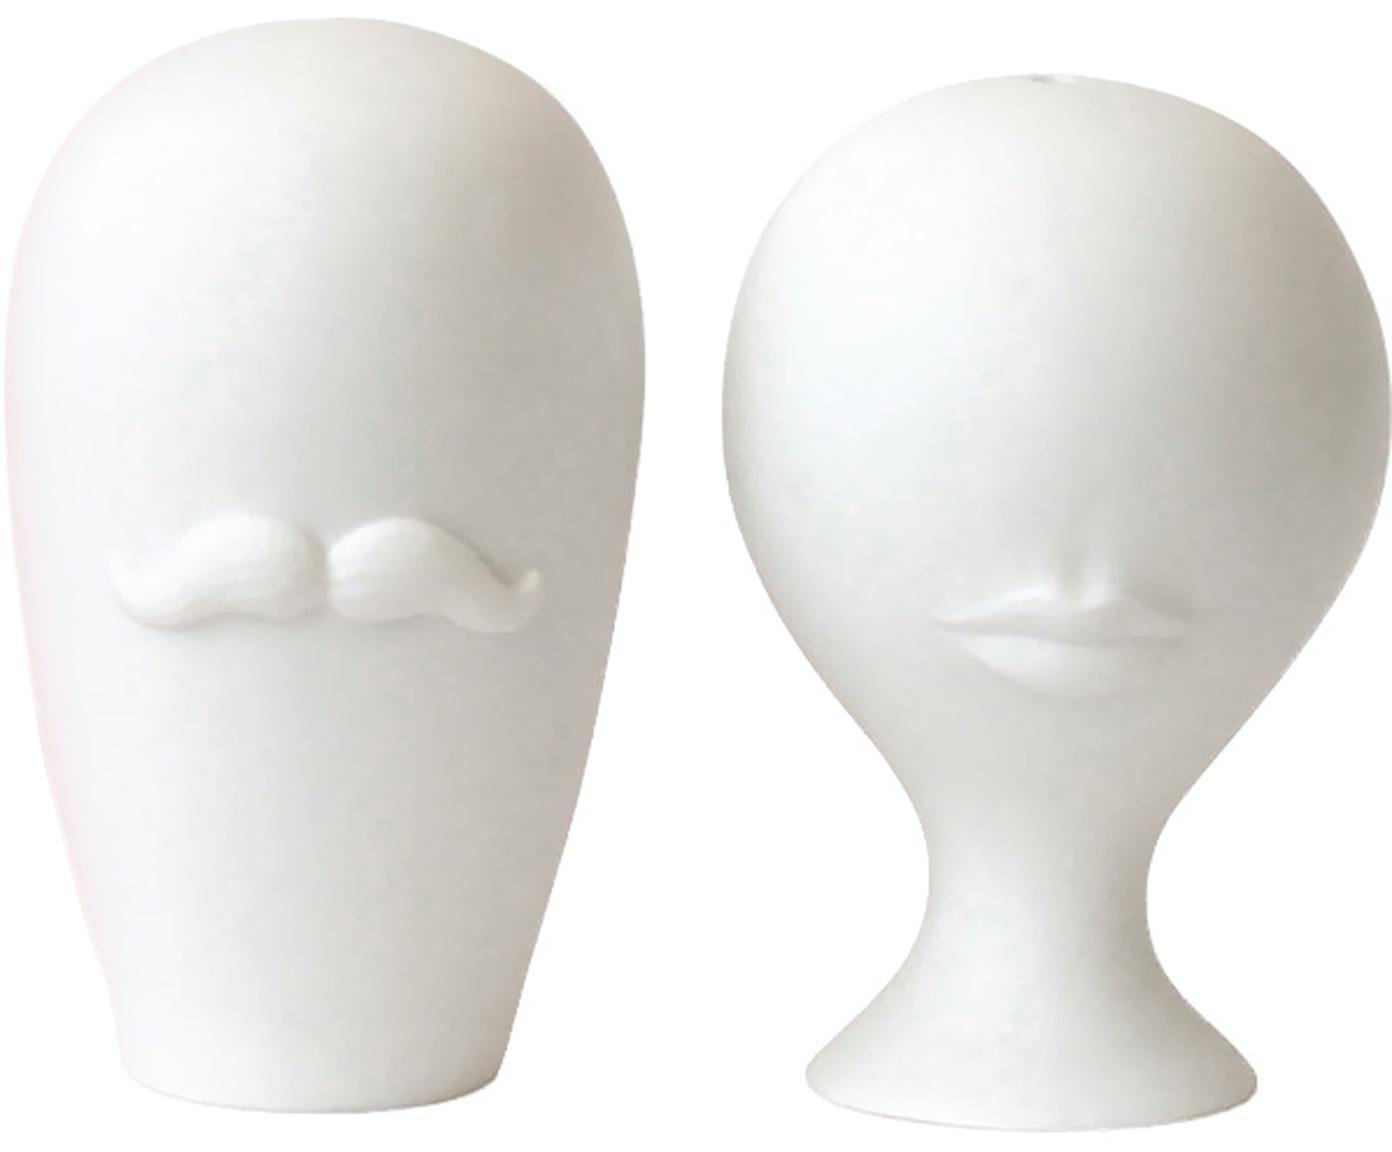 Solniczka i pieprzniczka Muse, 2 elem., Porcelana, Biały, Ø 8 x W 13 cm